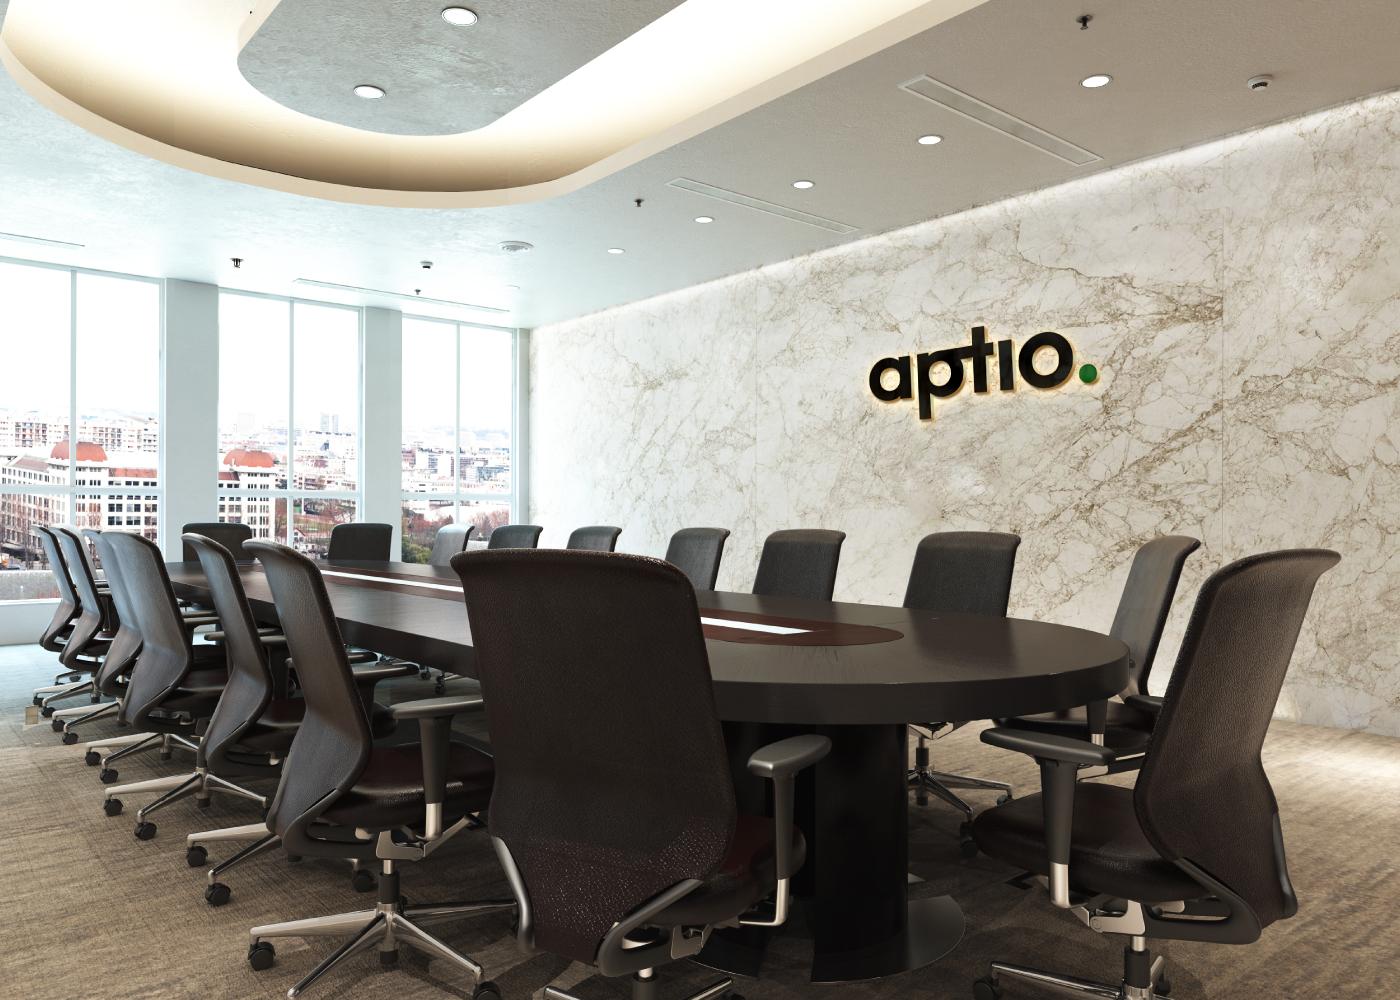 aptio-oficina-logo-marca